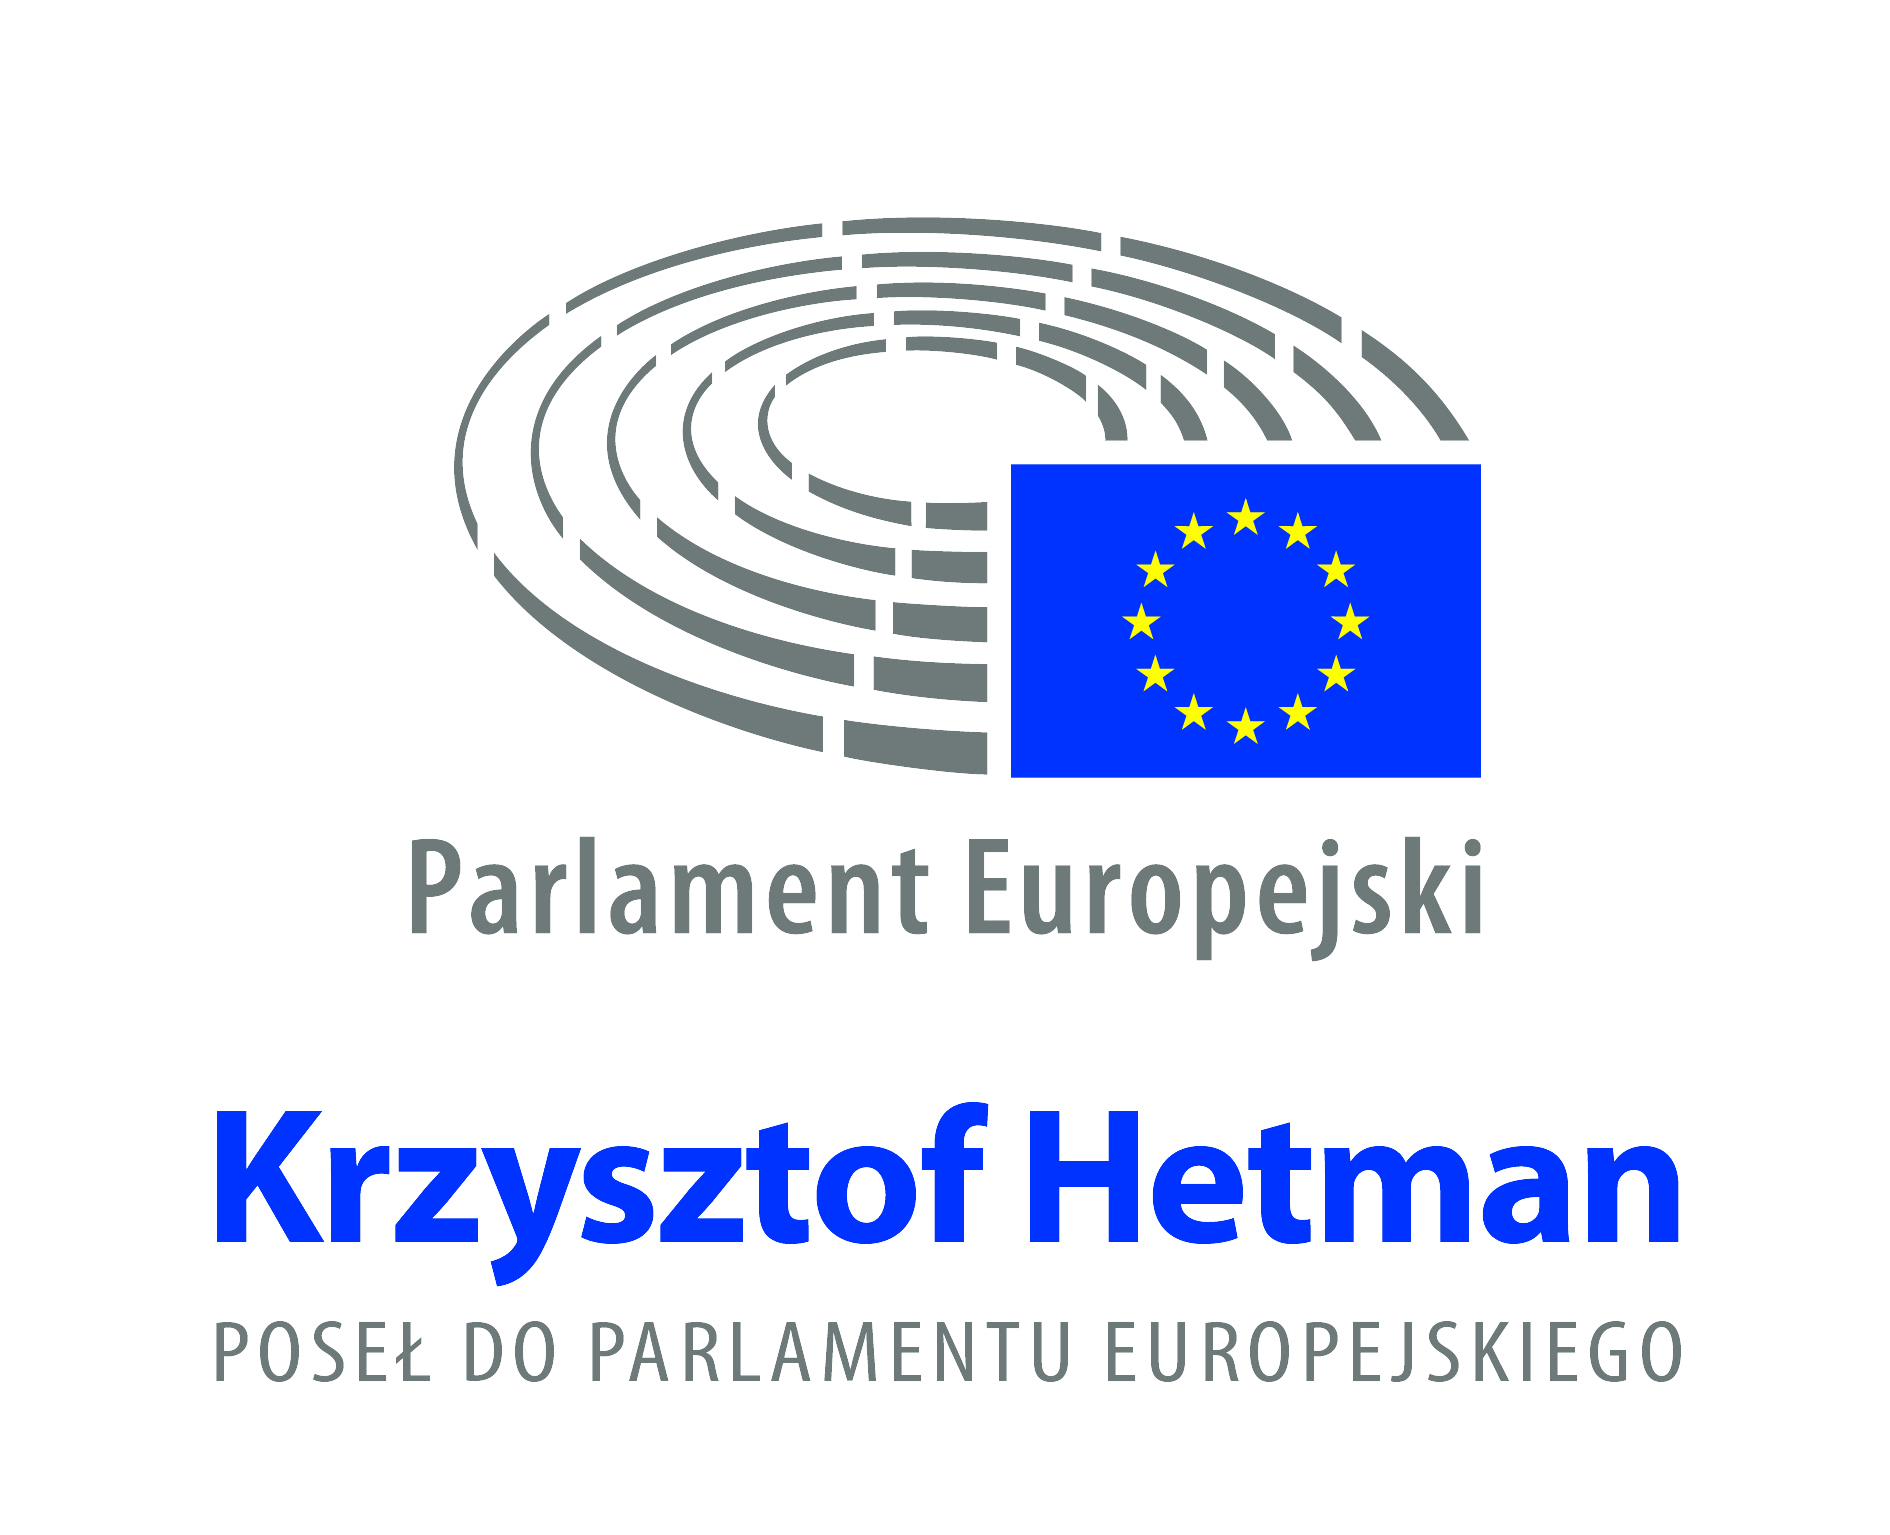 Patronat Krzysztof Hetman